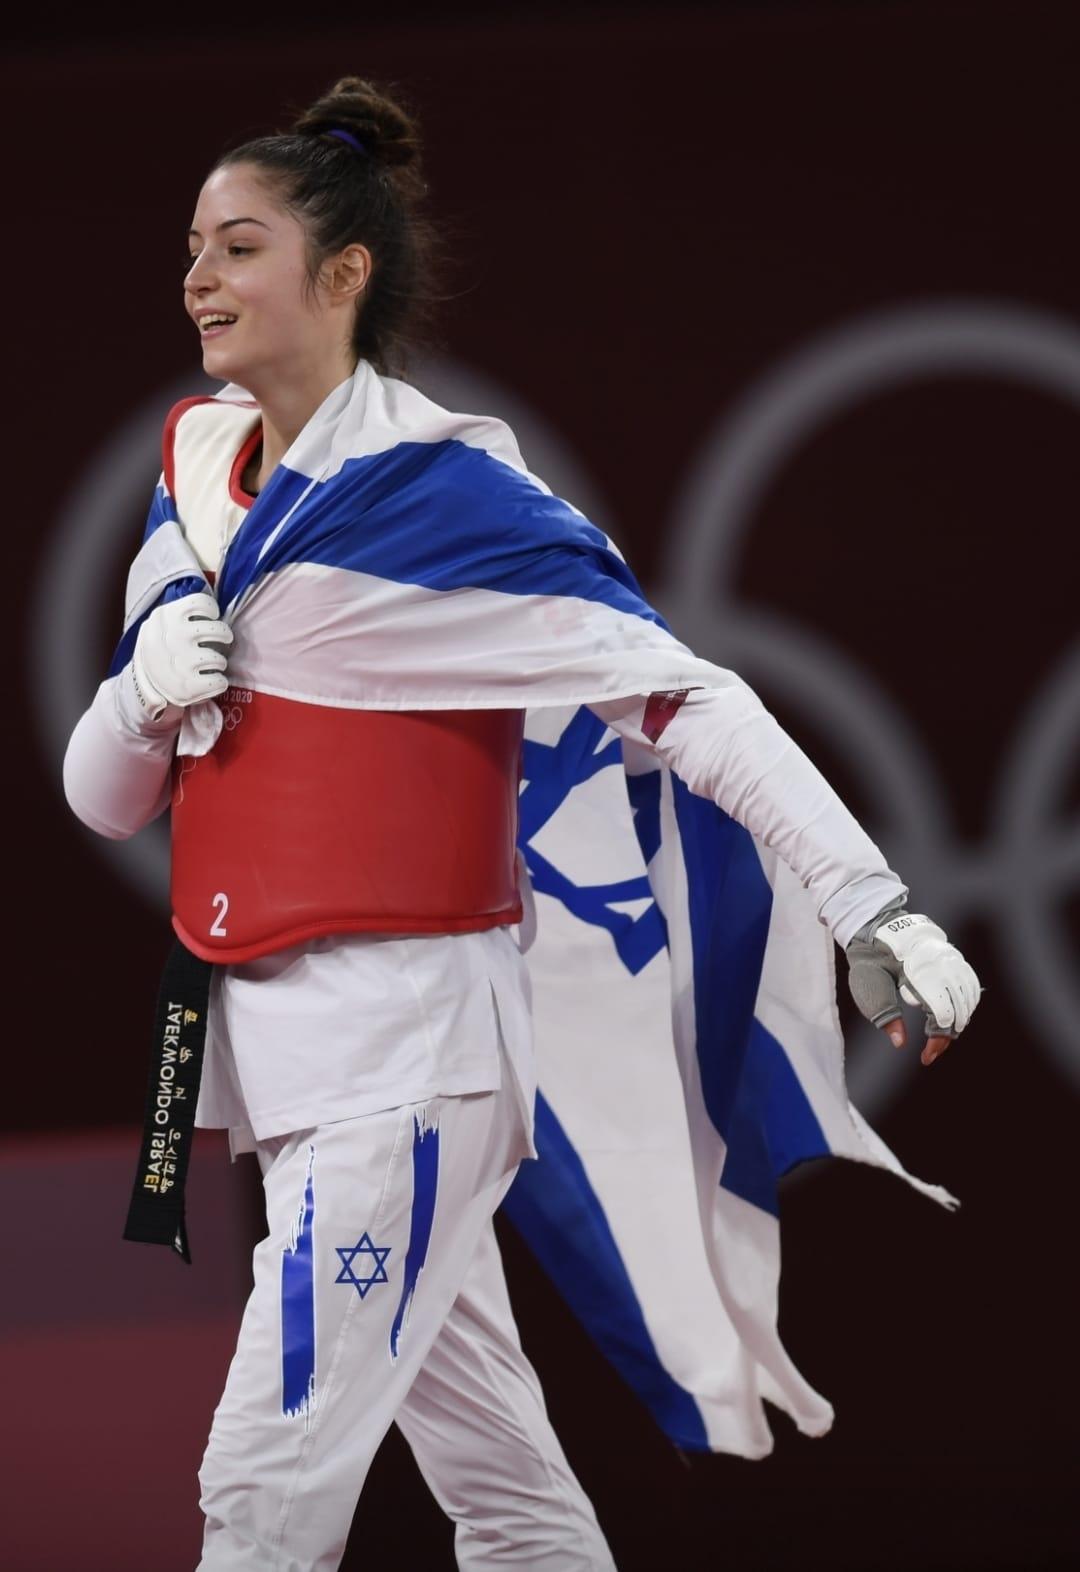 Jeux Olympiques : médaille de bronze pour Israël avec Avishag Samberg